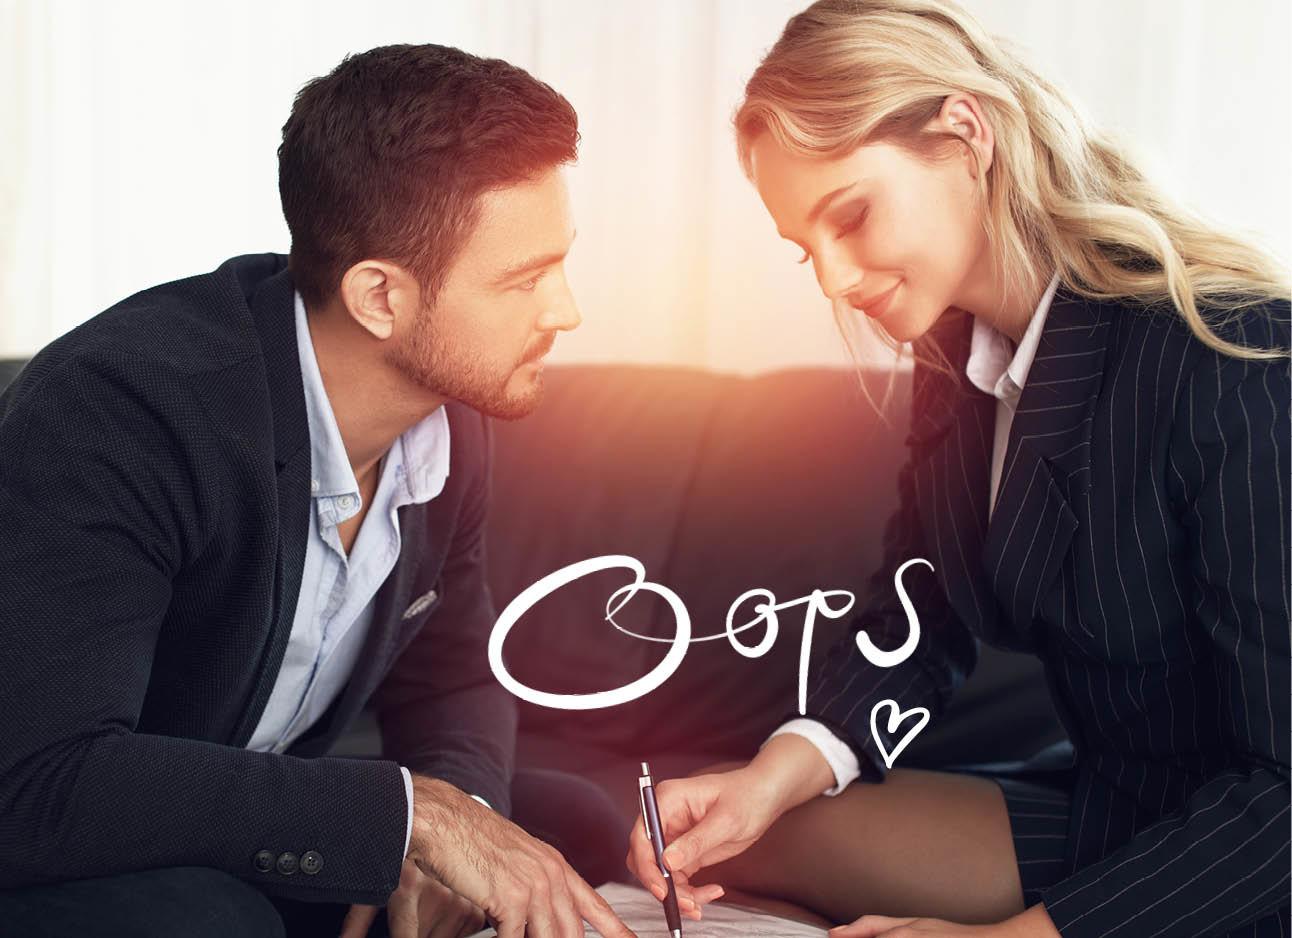 mannelijke en vrouwelijke collega's flirten tijdens werken